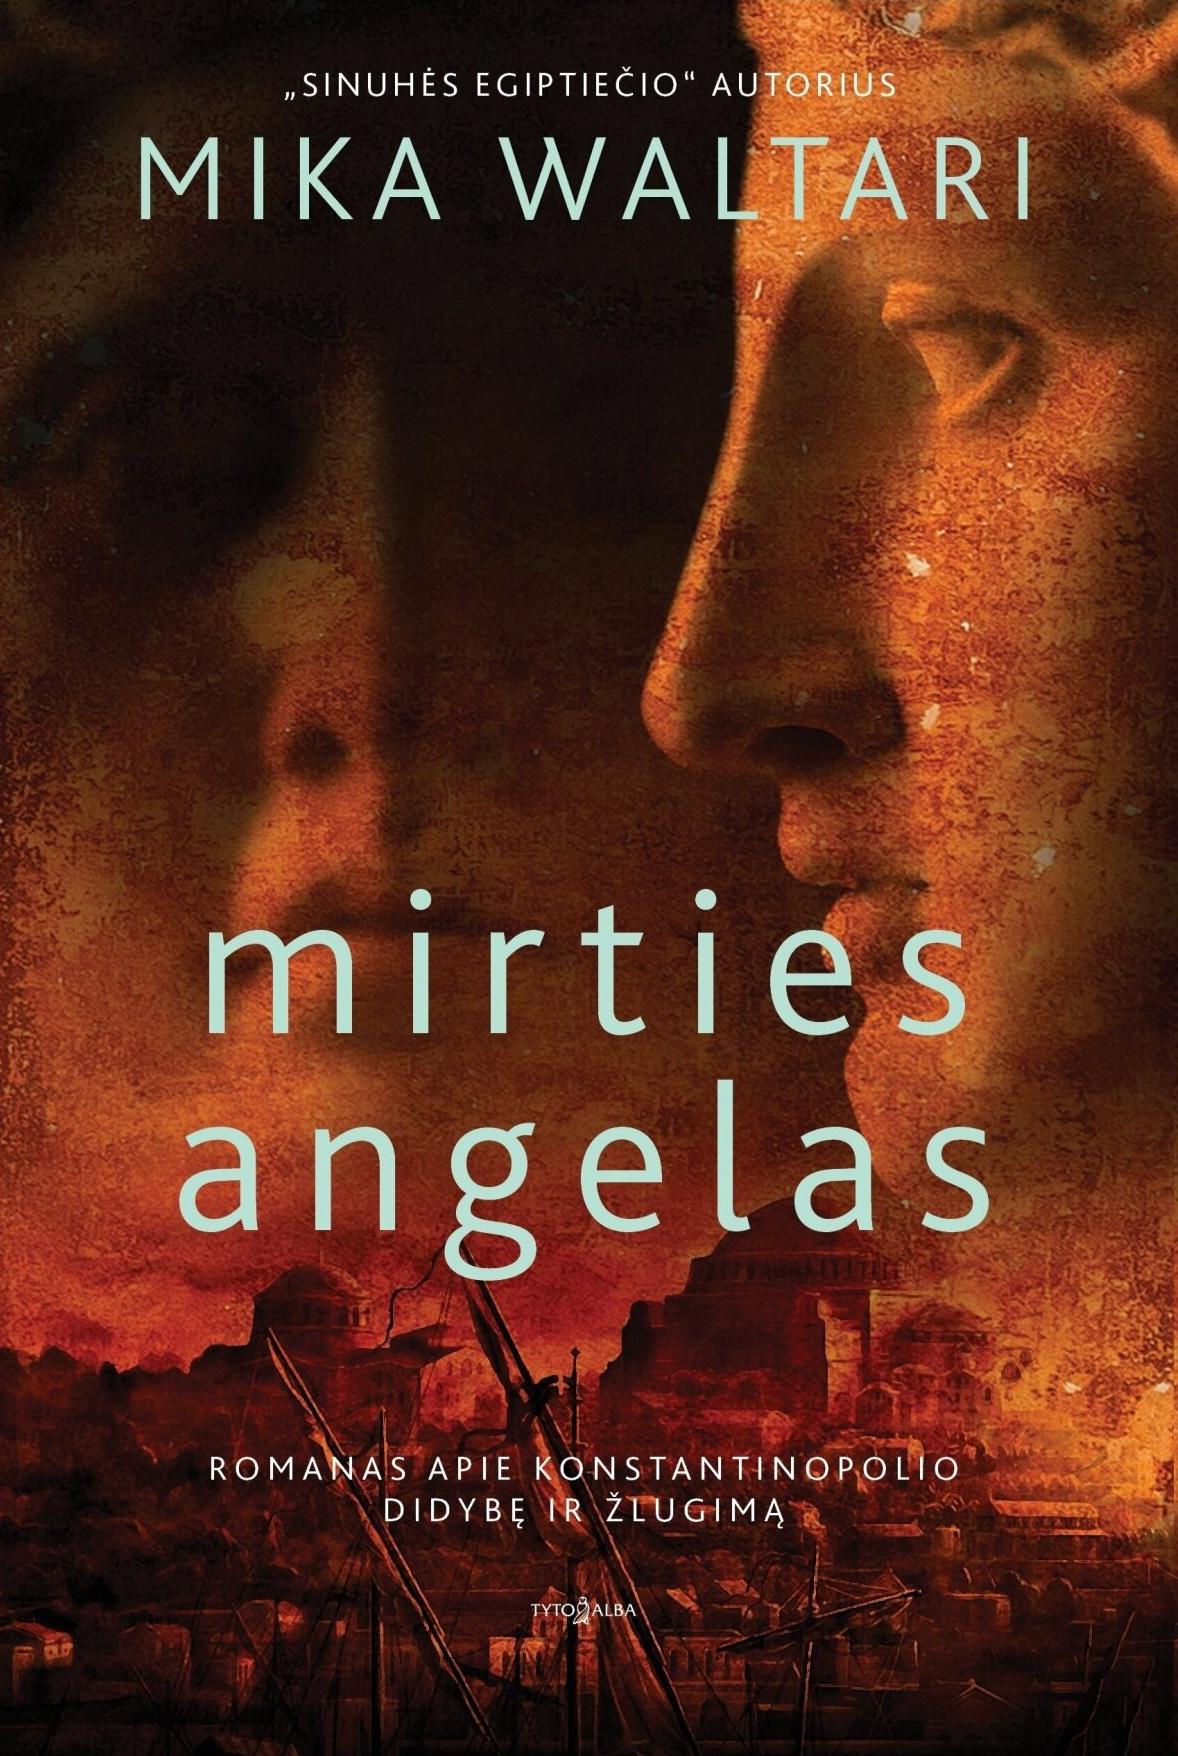 """Mika Waltari. """"Mirties angelas"""". Iš suomių k. vertė Aida Krilavičienė (Vilnius: Tyto alba, 2020)"""